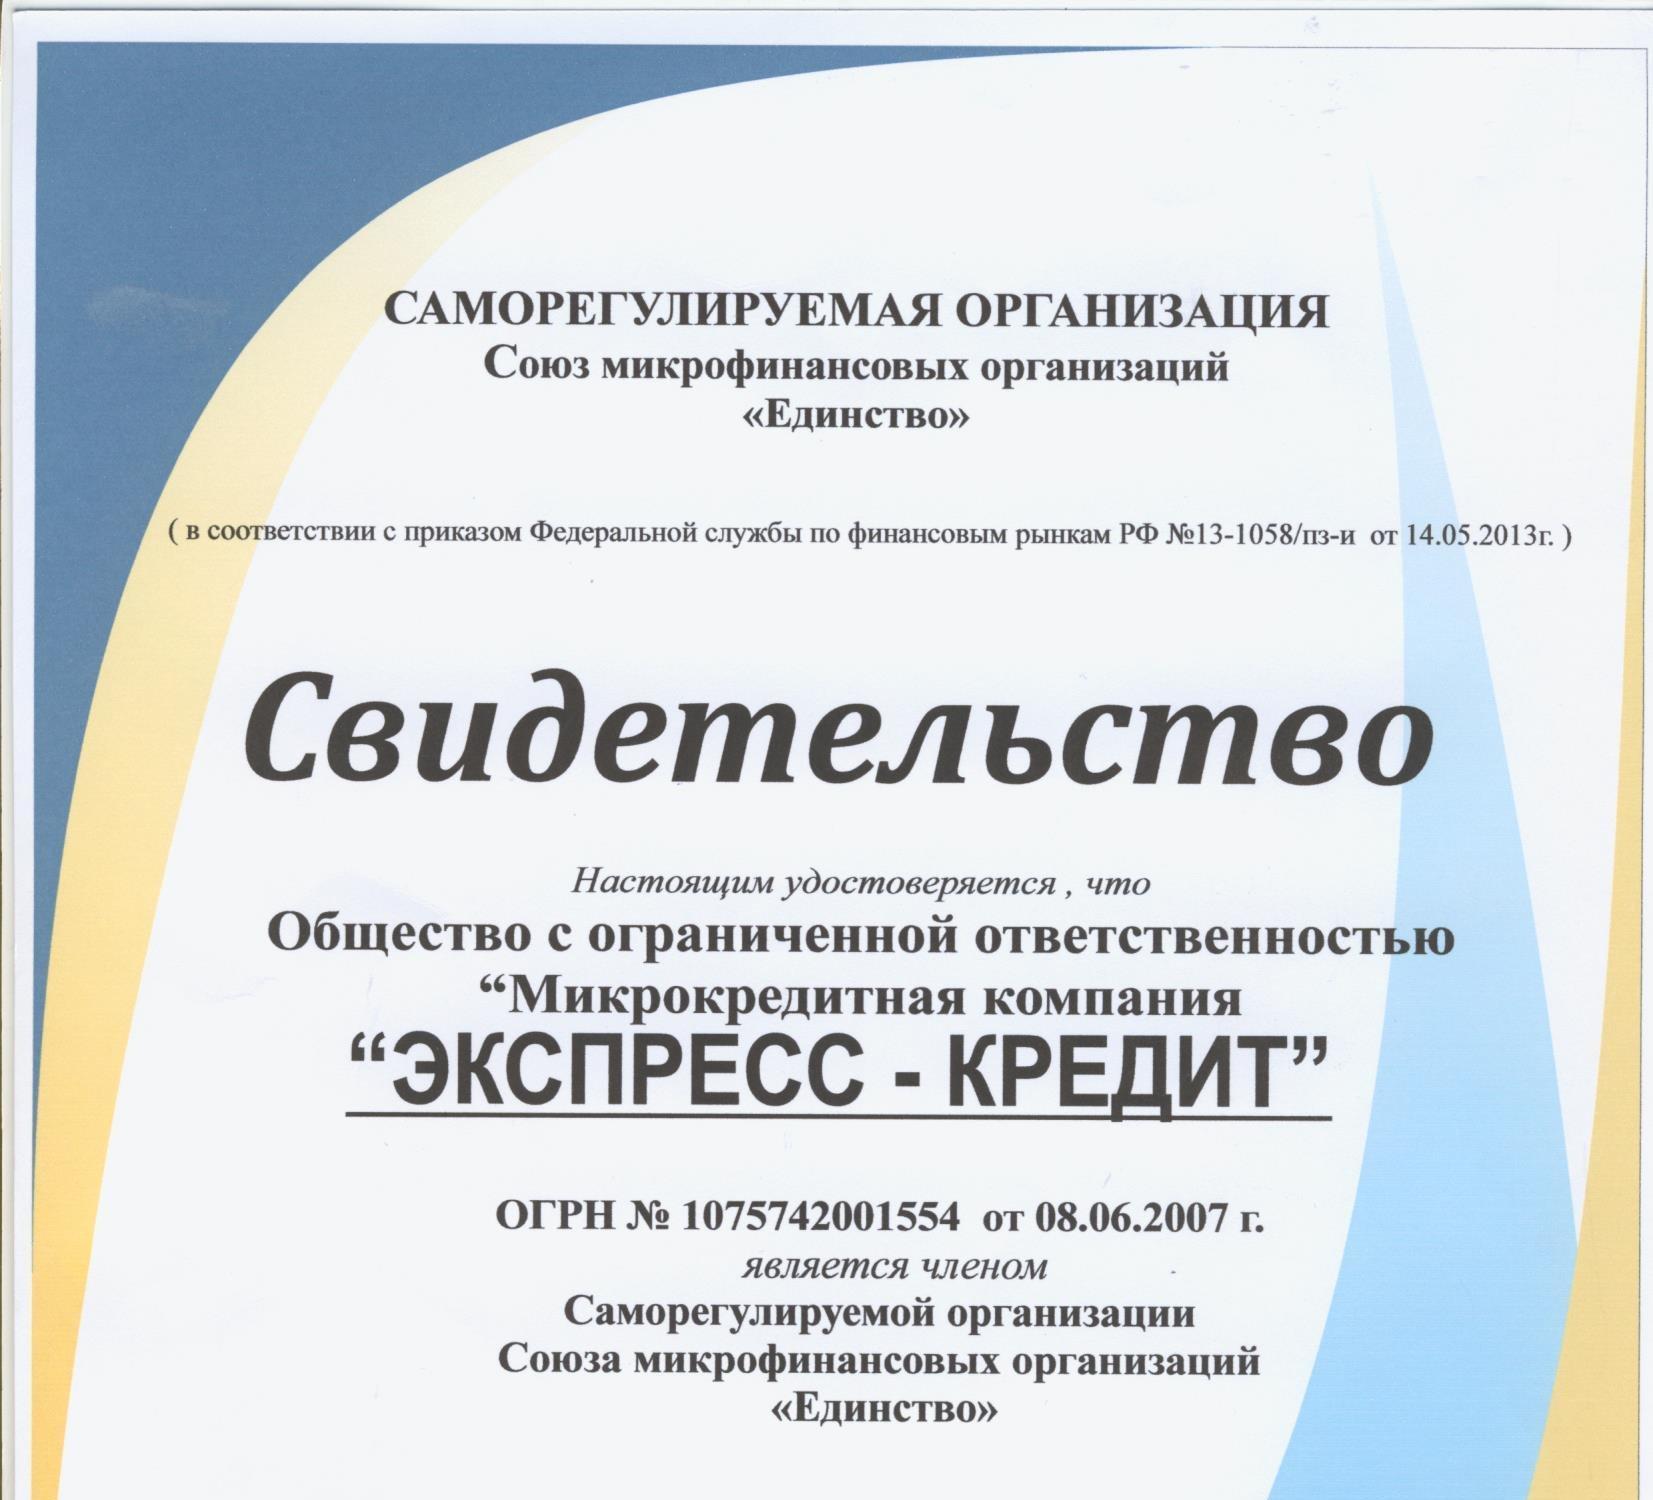 компания кредит экспресс shoreline credit repair phone number